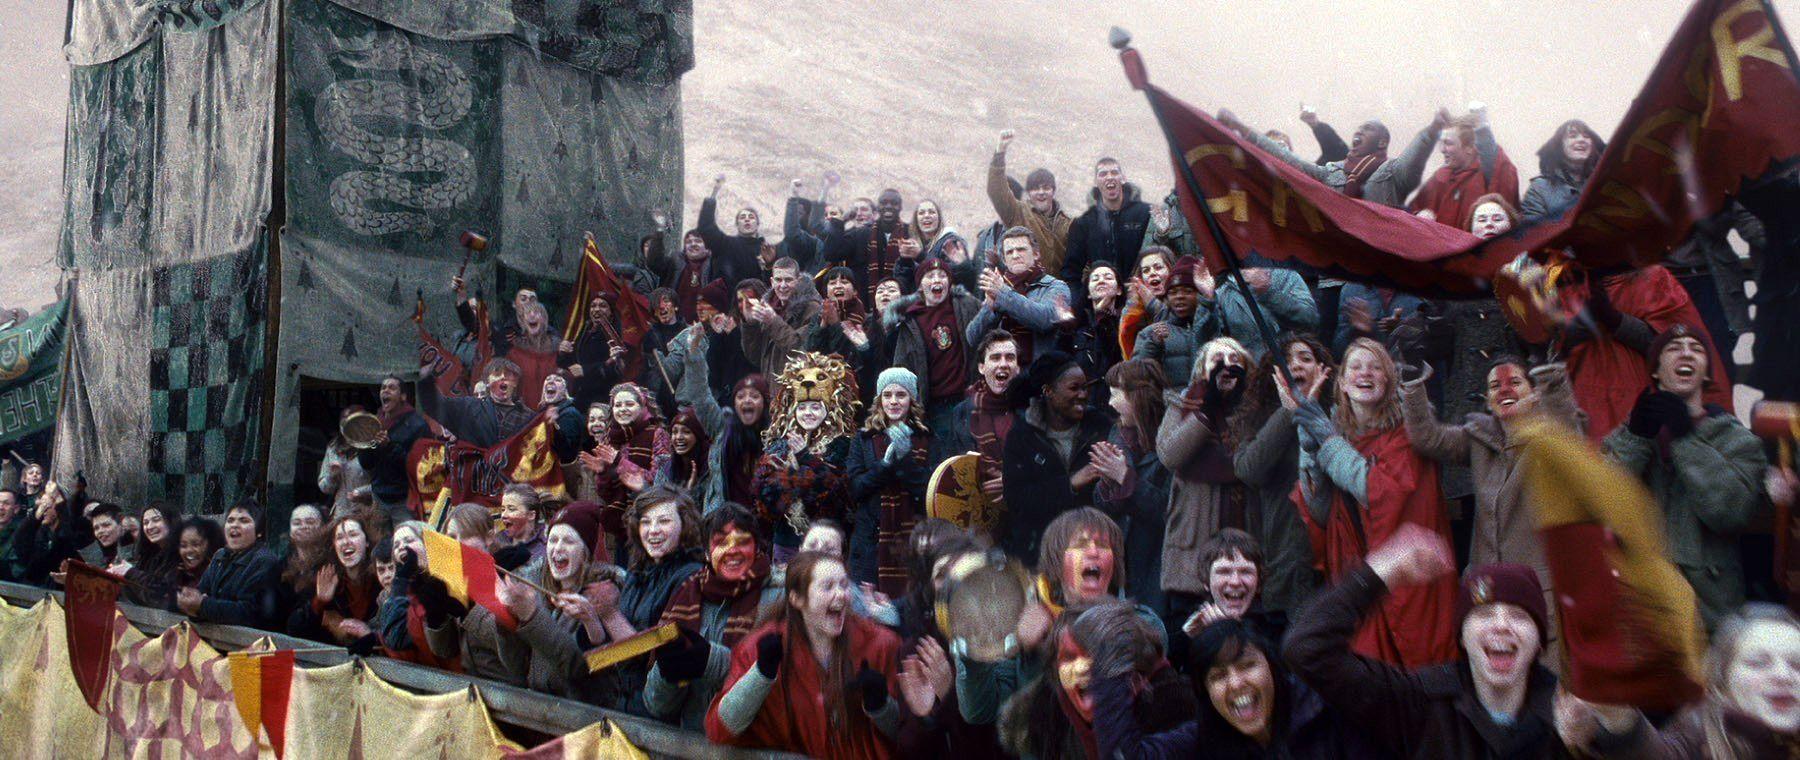 Gryffindors Gryffindor Photo 28515910 Fanpop